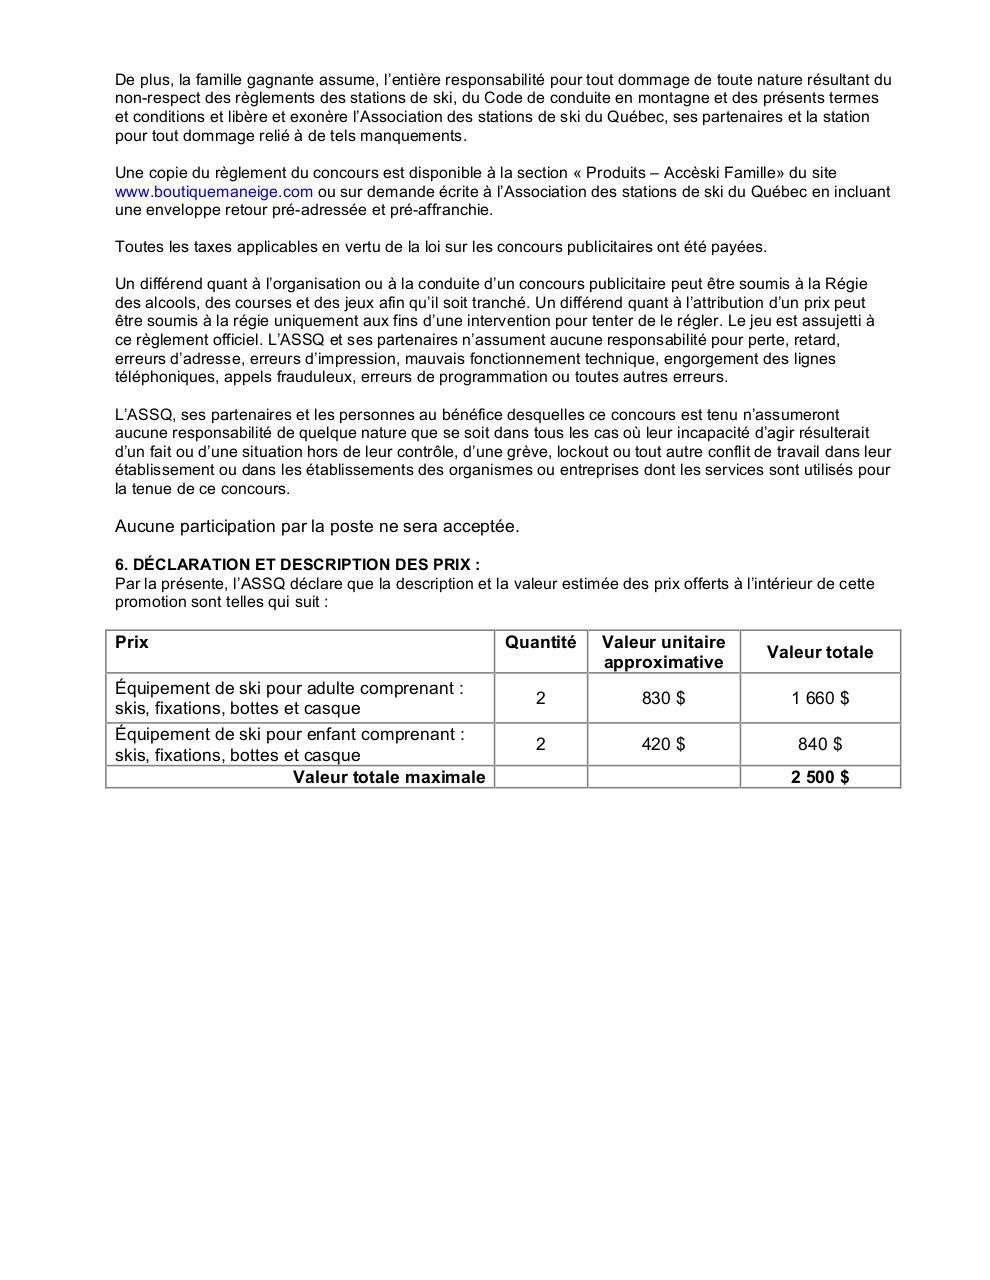 R glement concours acc ski fichier pdf for Reglement interieur entreprise pdf